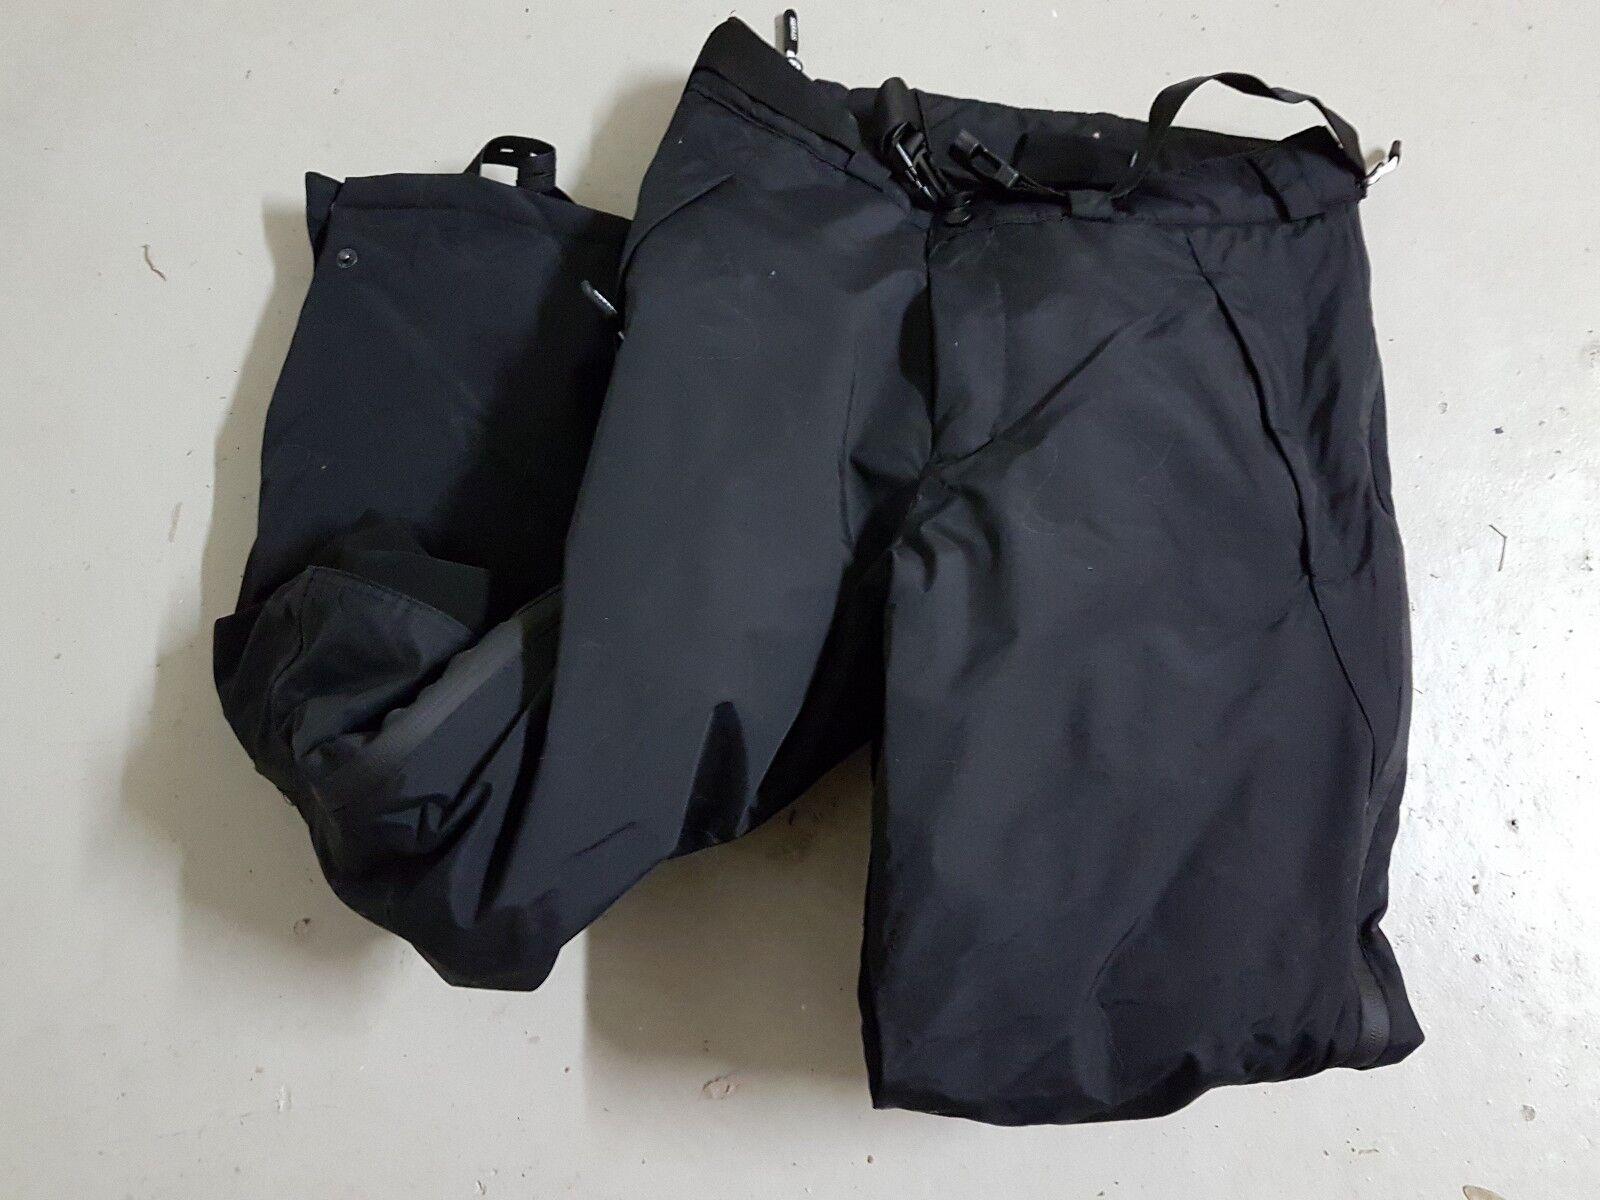 Winterreithose / Überziehhose/ Thermohose schwarz Steeds XS schwarz Thermohose mit Besatz a1f690